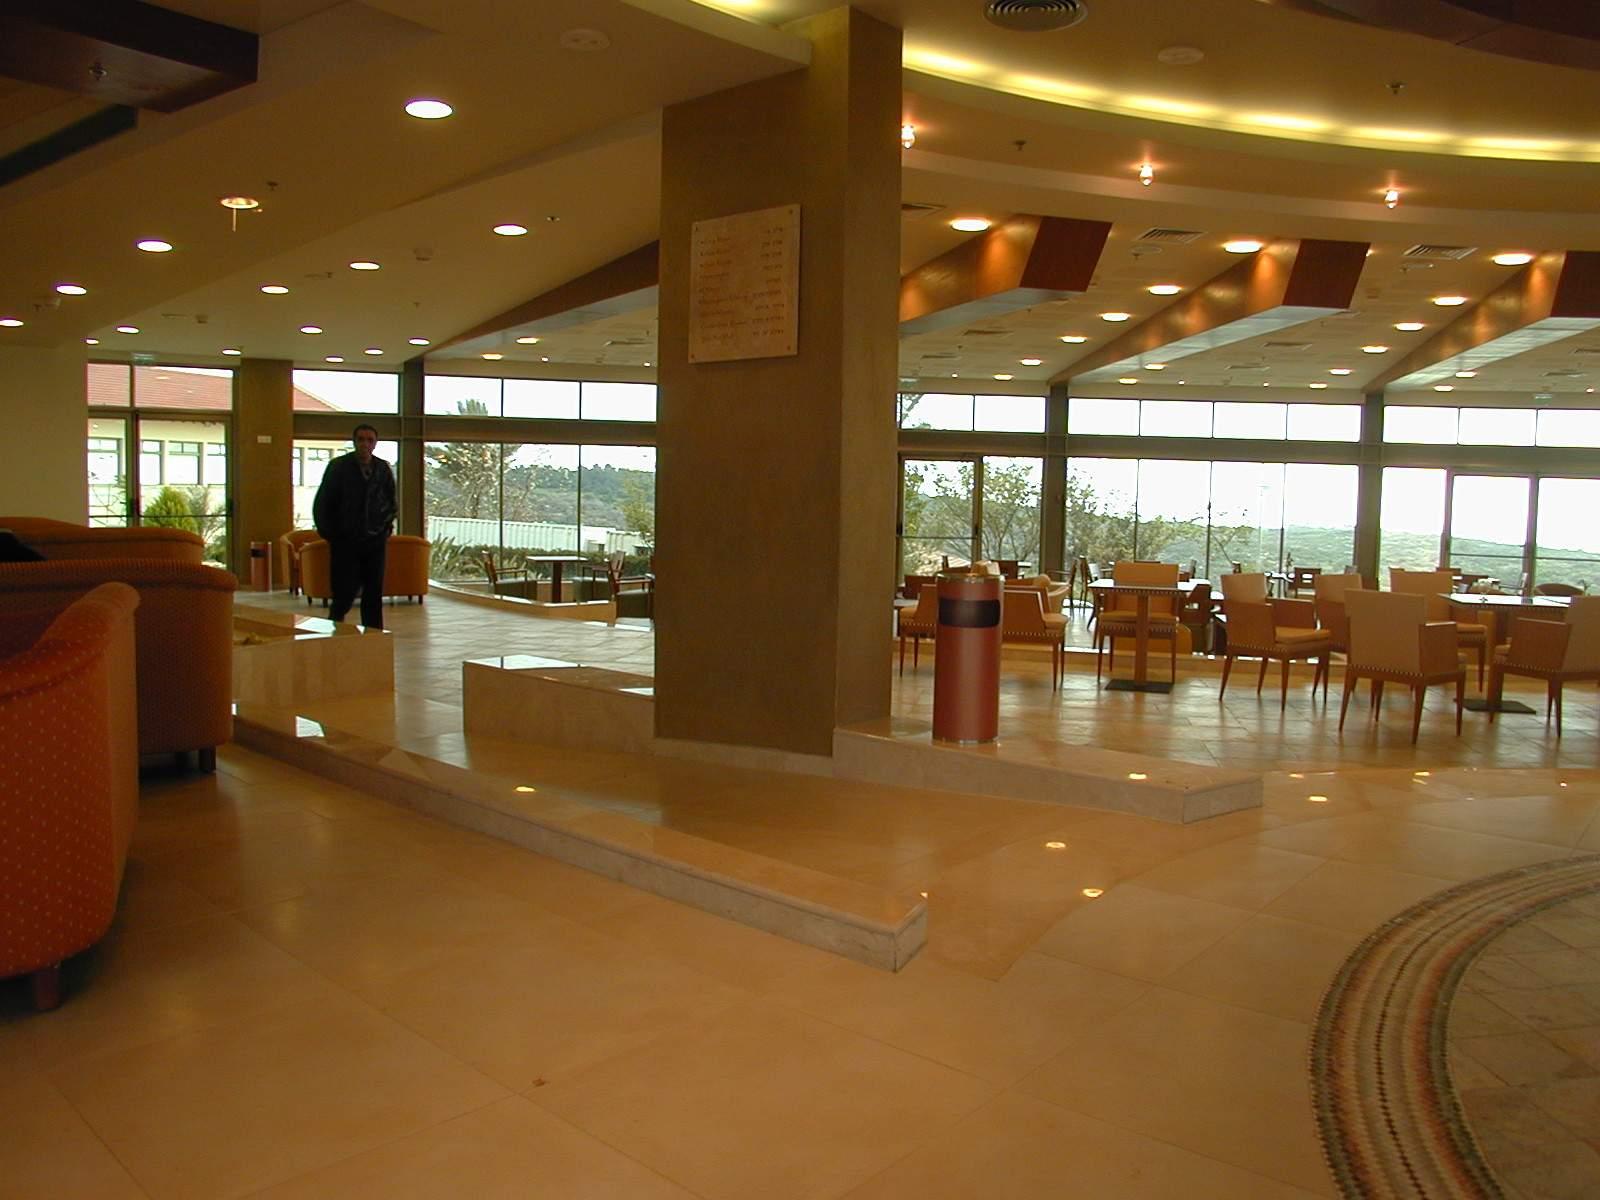 ניר עציון - מלון - 9